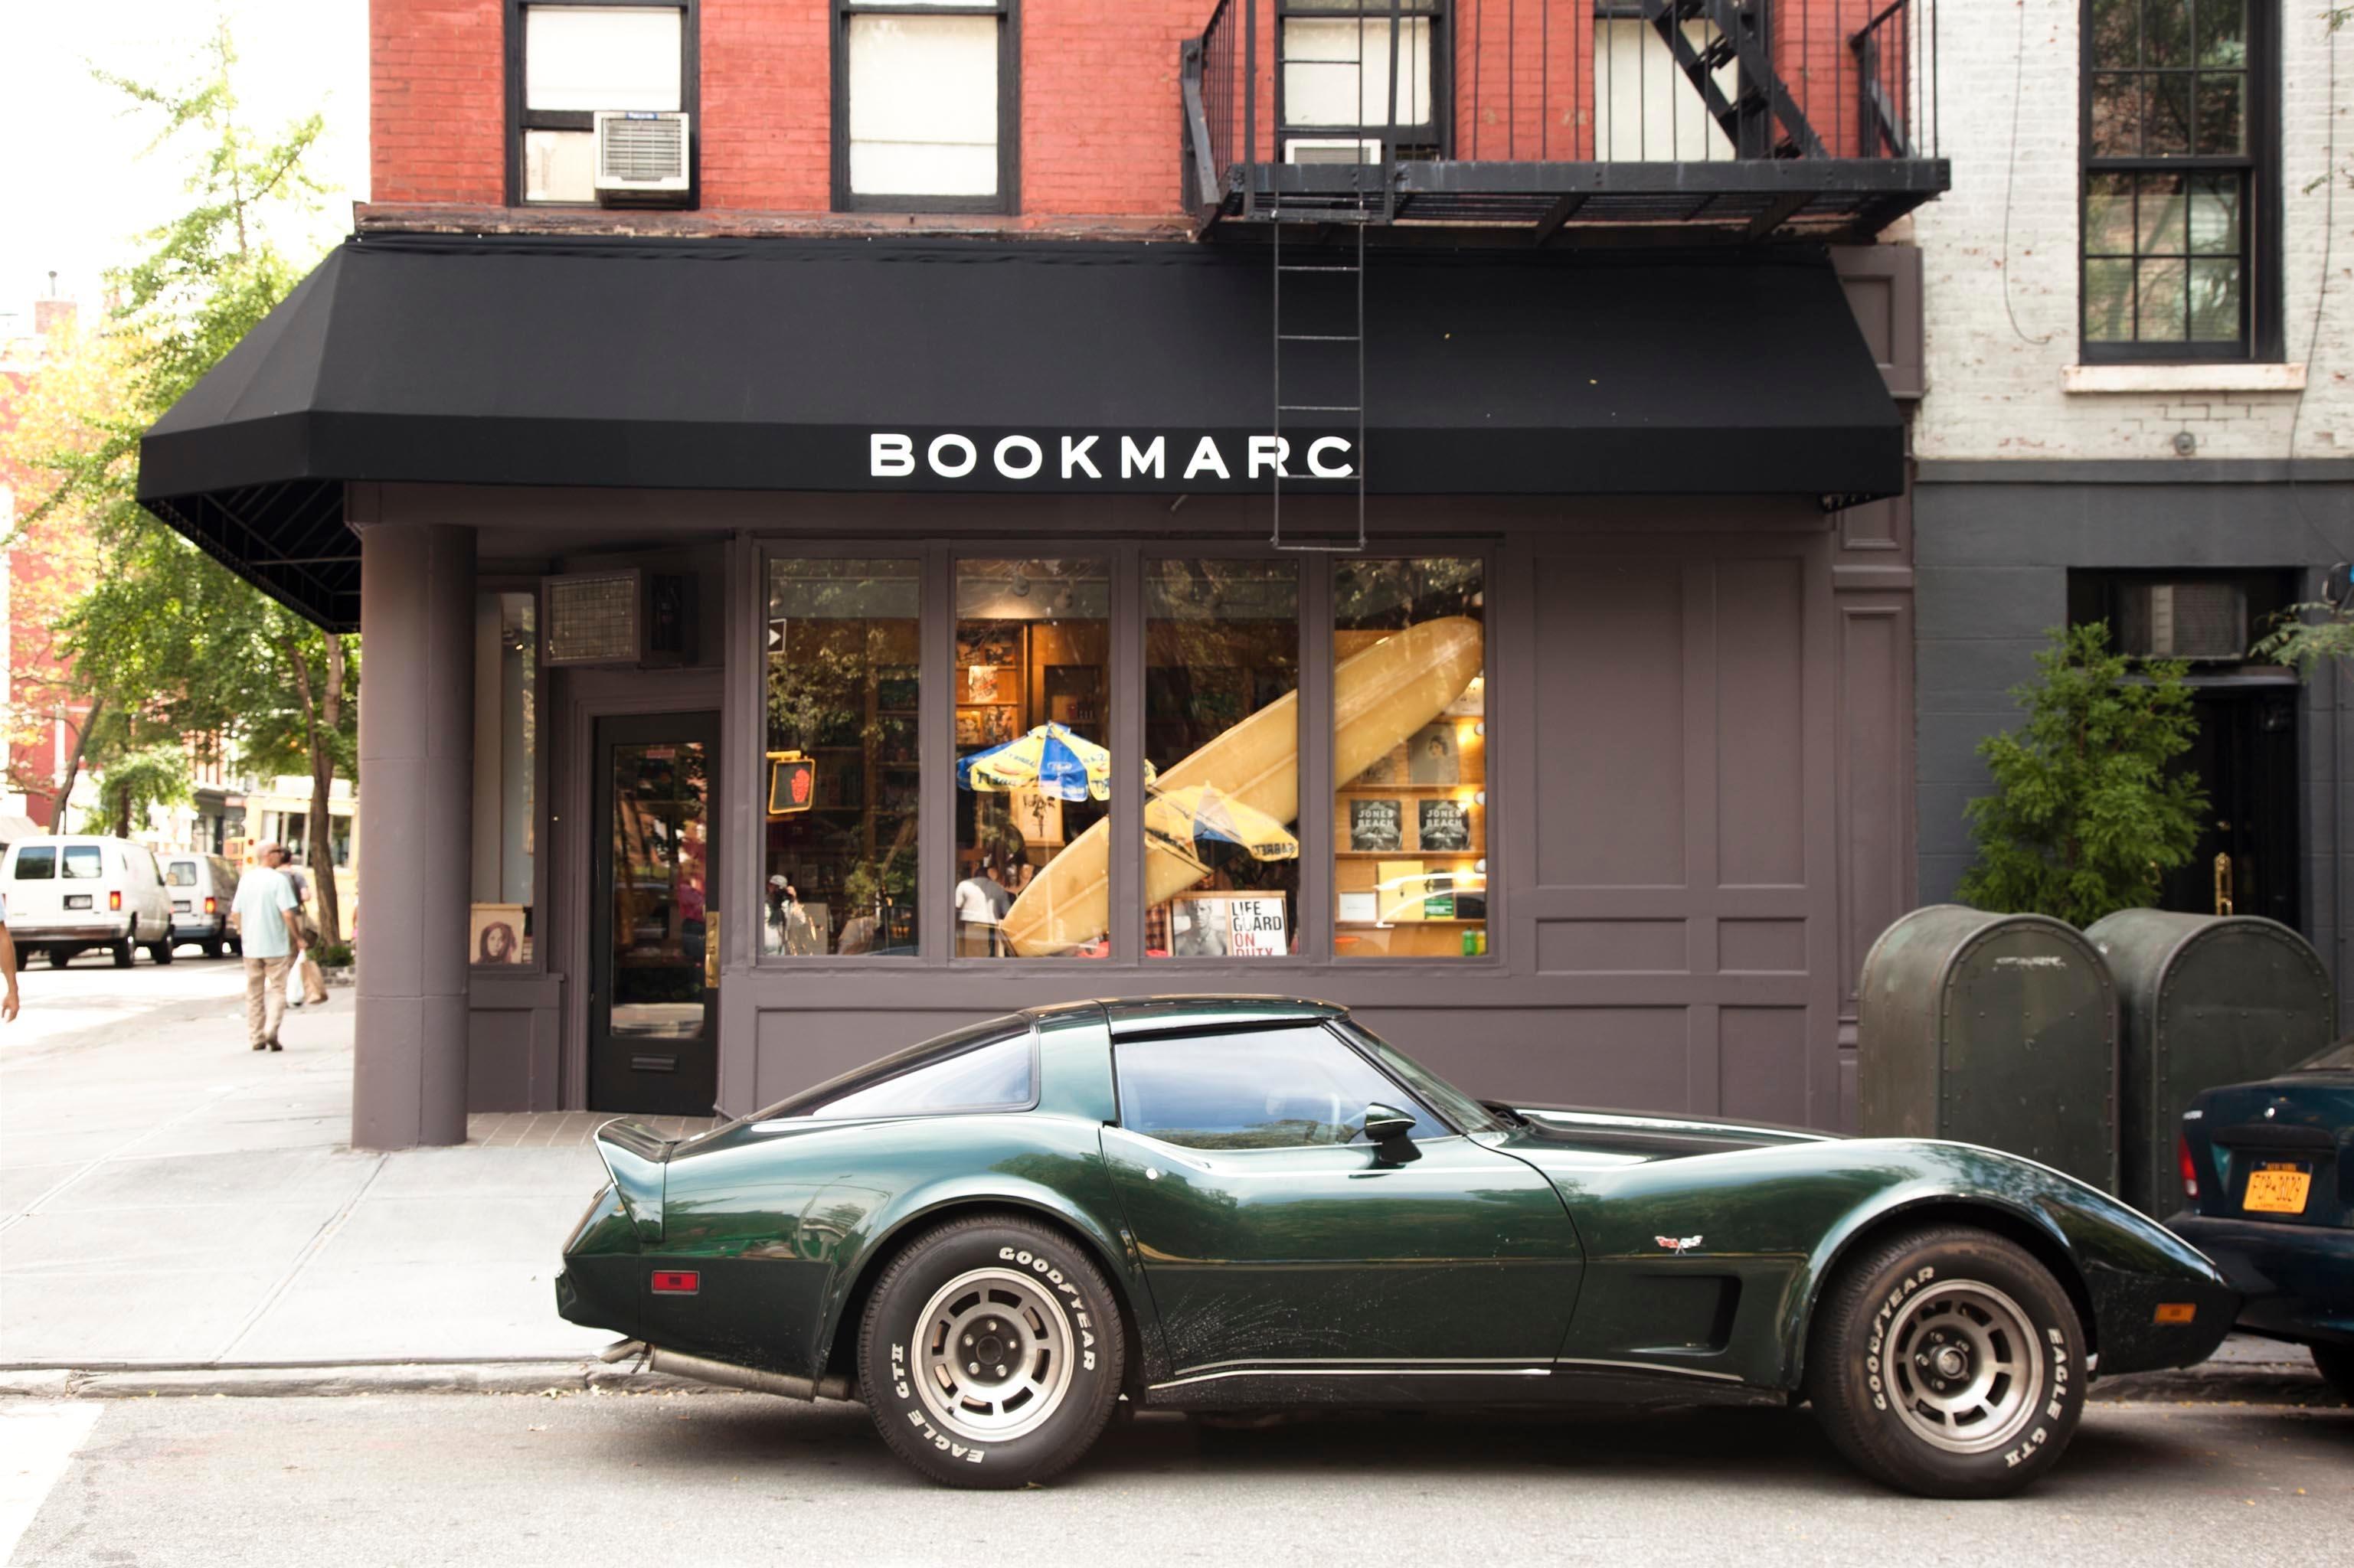 Bookmarc image 2